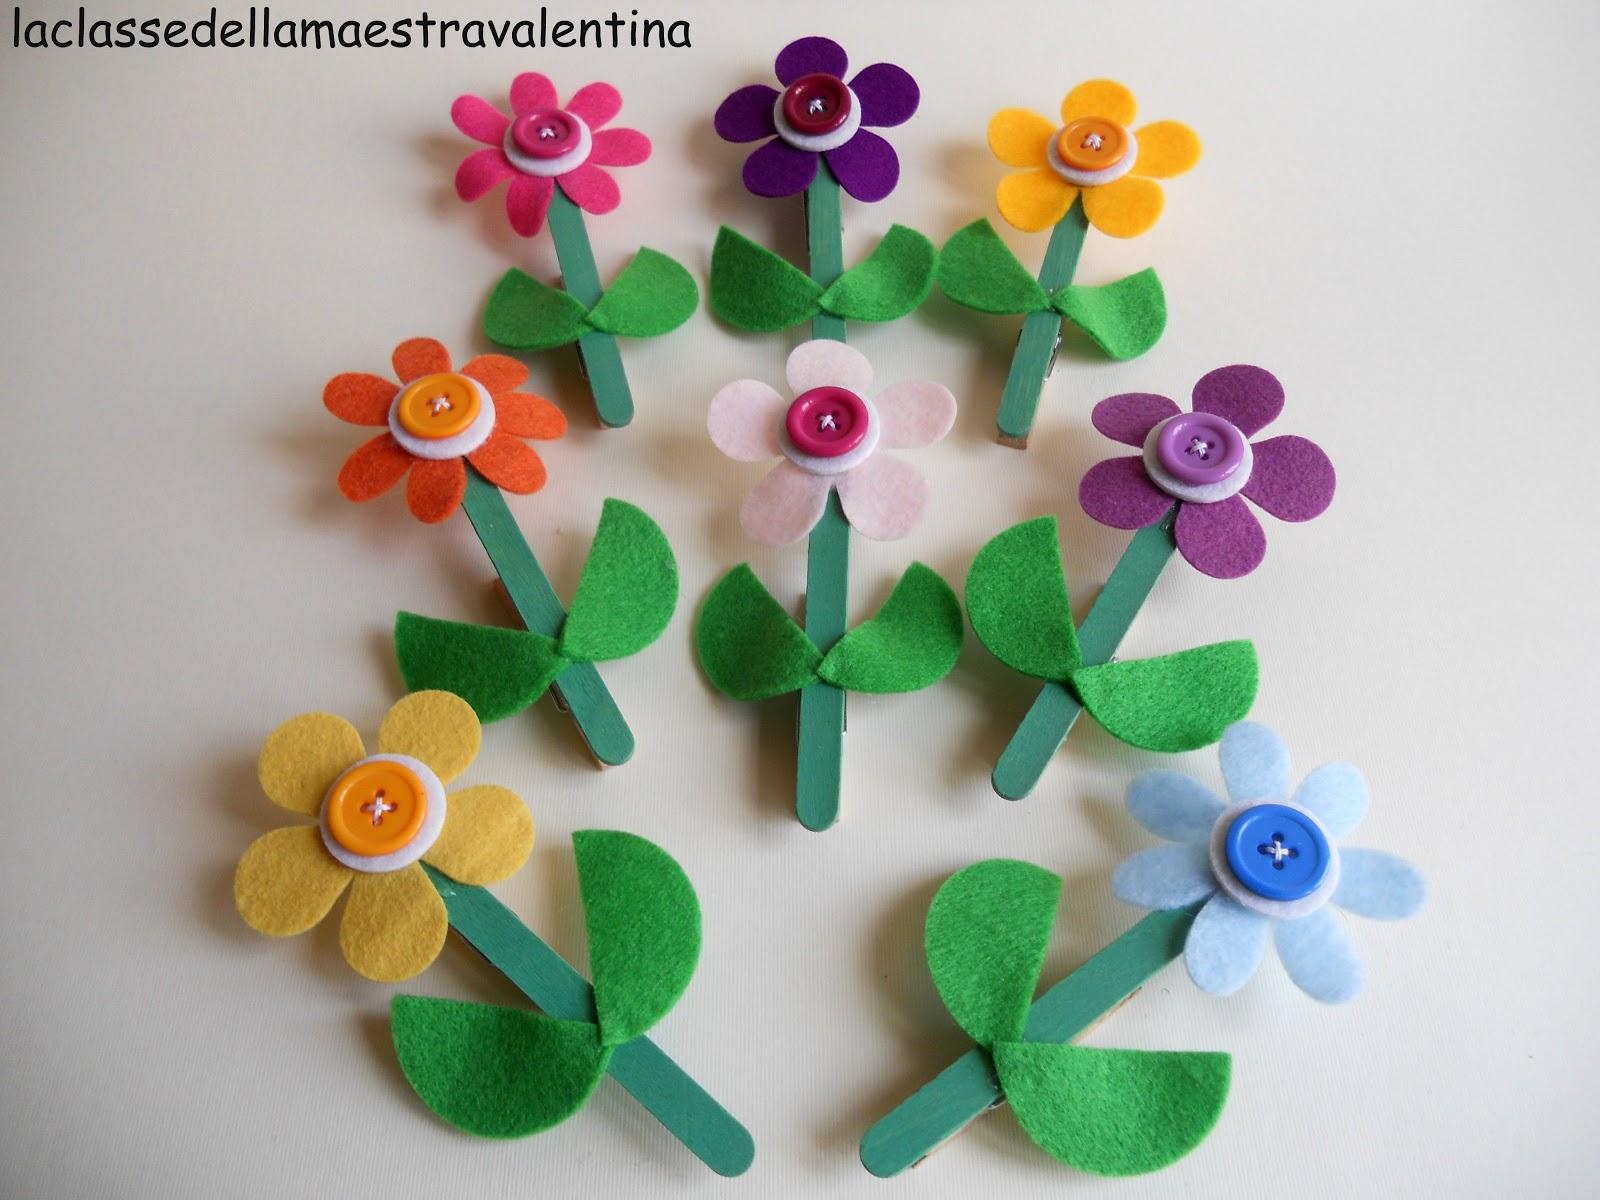 La classe della maestra valentina ancora fiori per la mamma for La maestra valentina